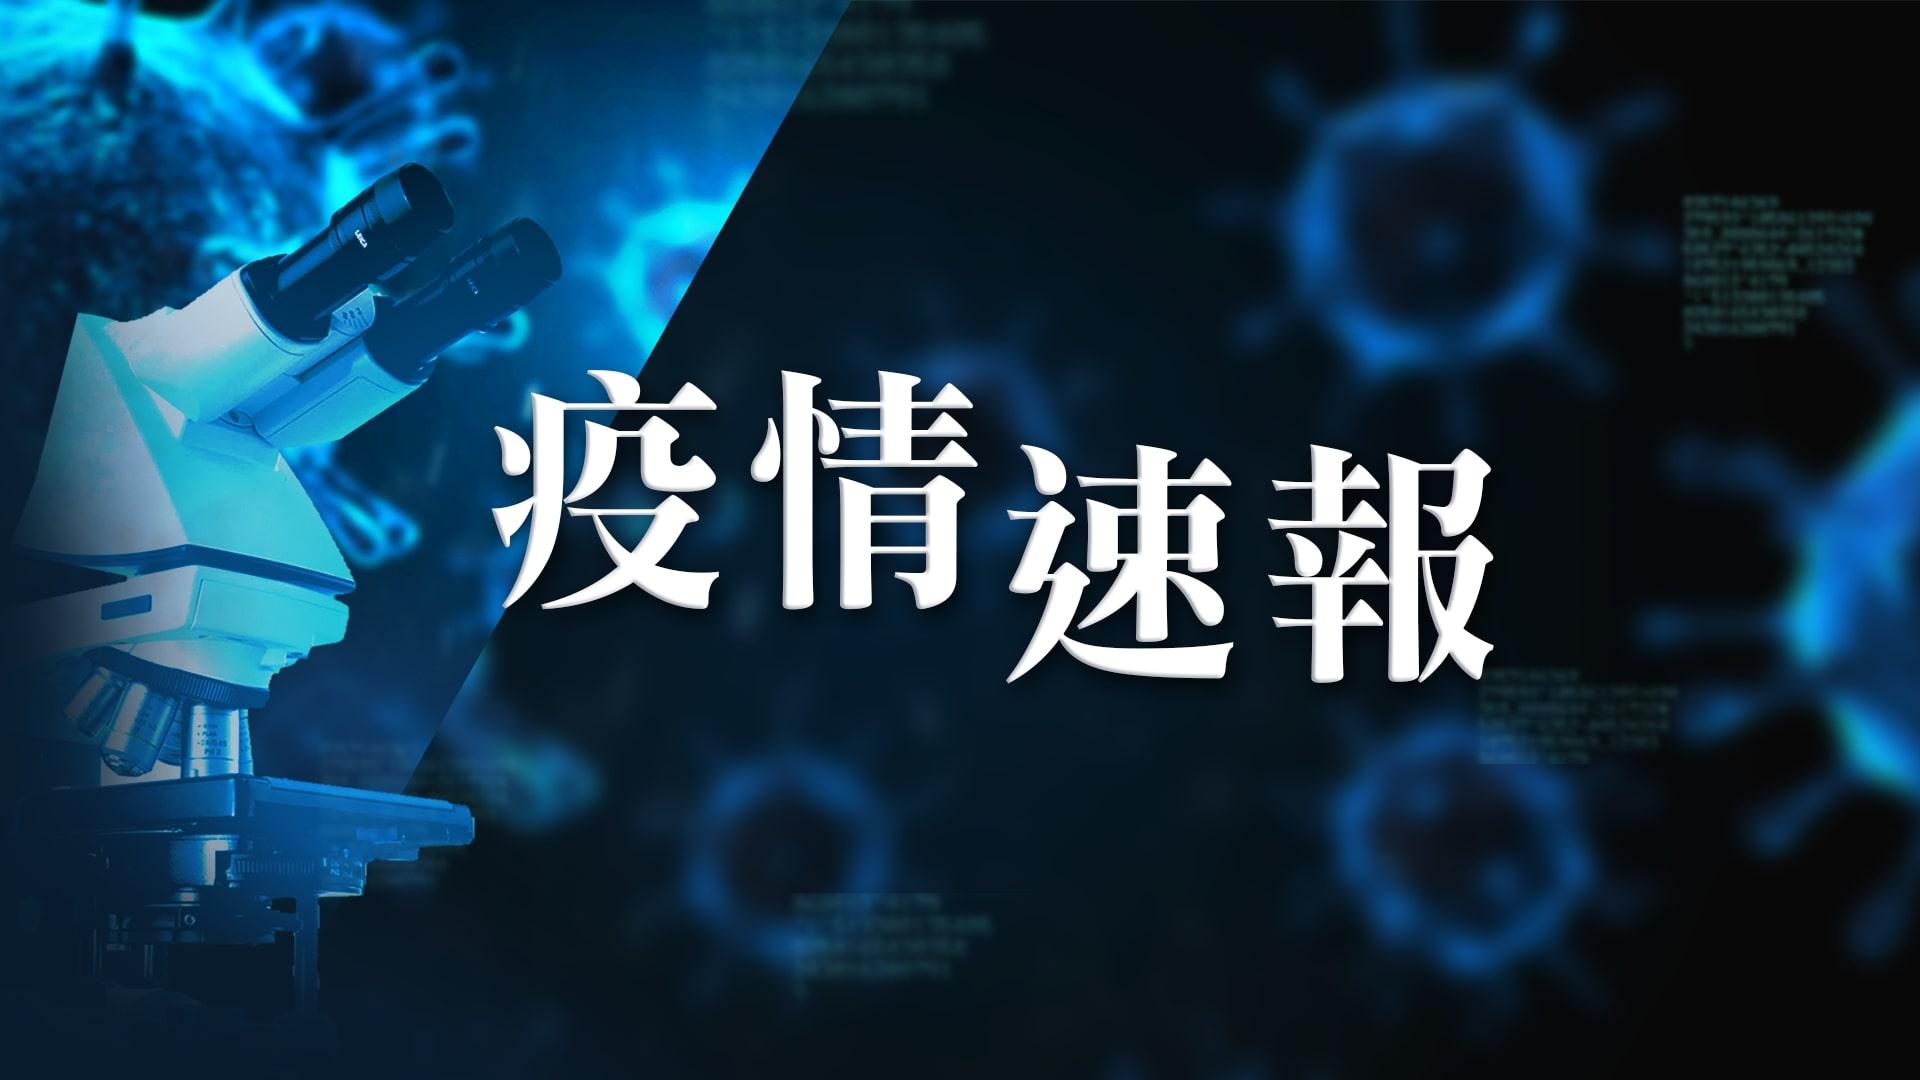 【10月20日疫情速報】(21:05)